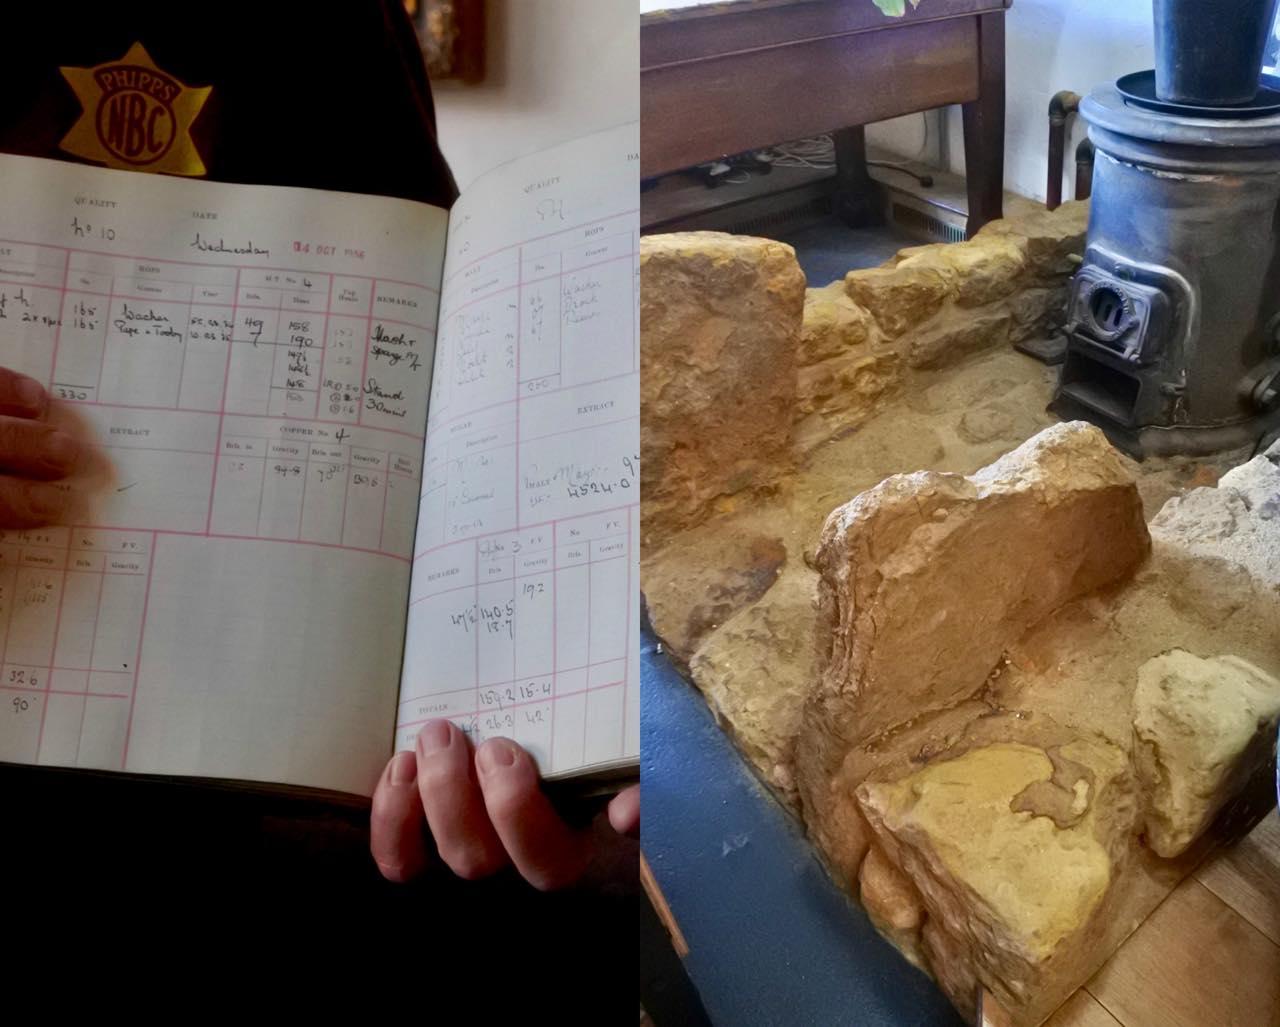 左が昔のビールのレシピなどが載った貴重な台帳。右はここから400メートル離れた場所にあるビルで発見された、13世紀のビール工場の土台。この考古学的な発見を救出し、パブ内に移築して保存しているのだとか。すごい!